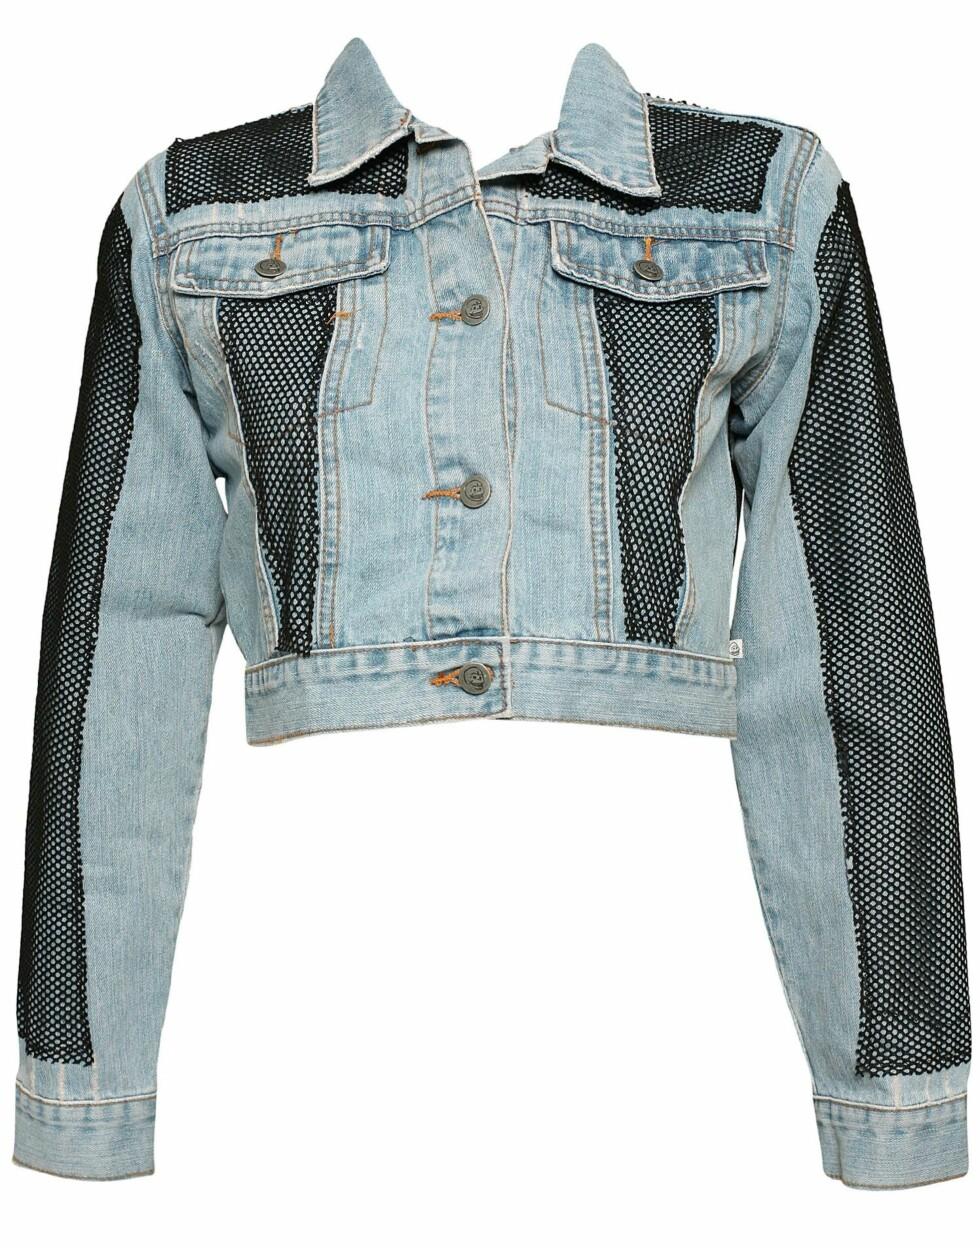 Tøff jeansjakke med spennende detaljer (kr 600, Cheap Monday/Nelly.com)